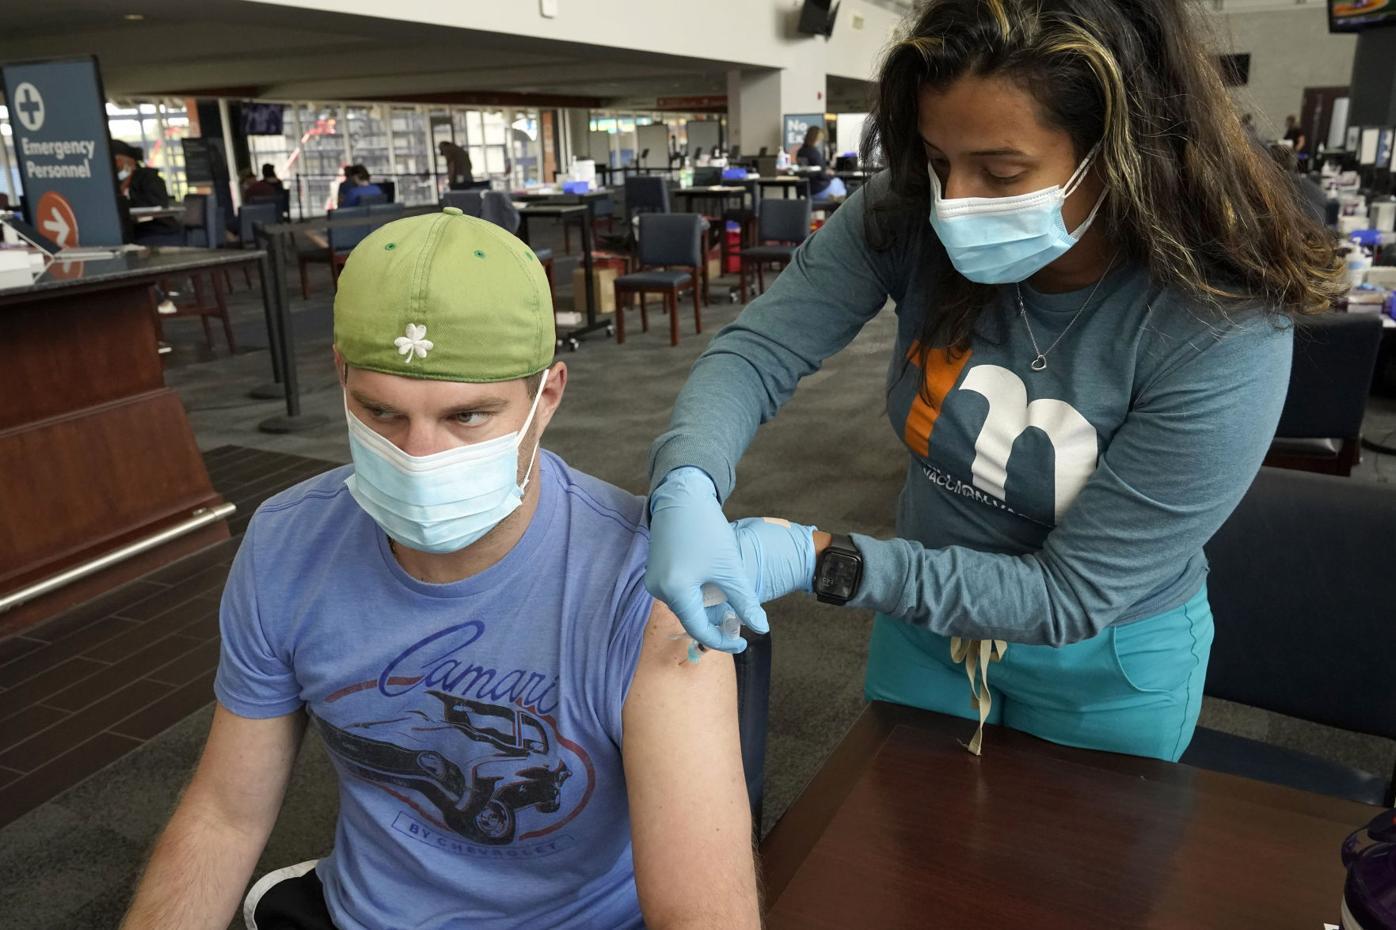 Virus Outbreak Vaccine Rates